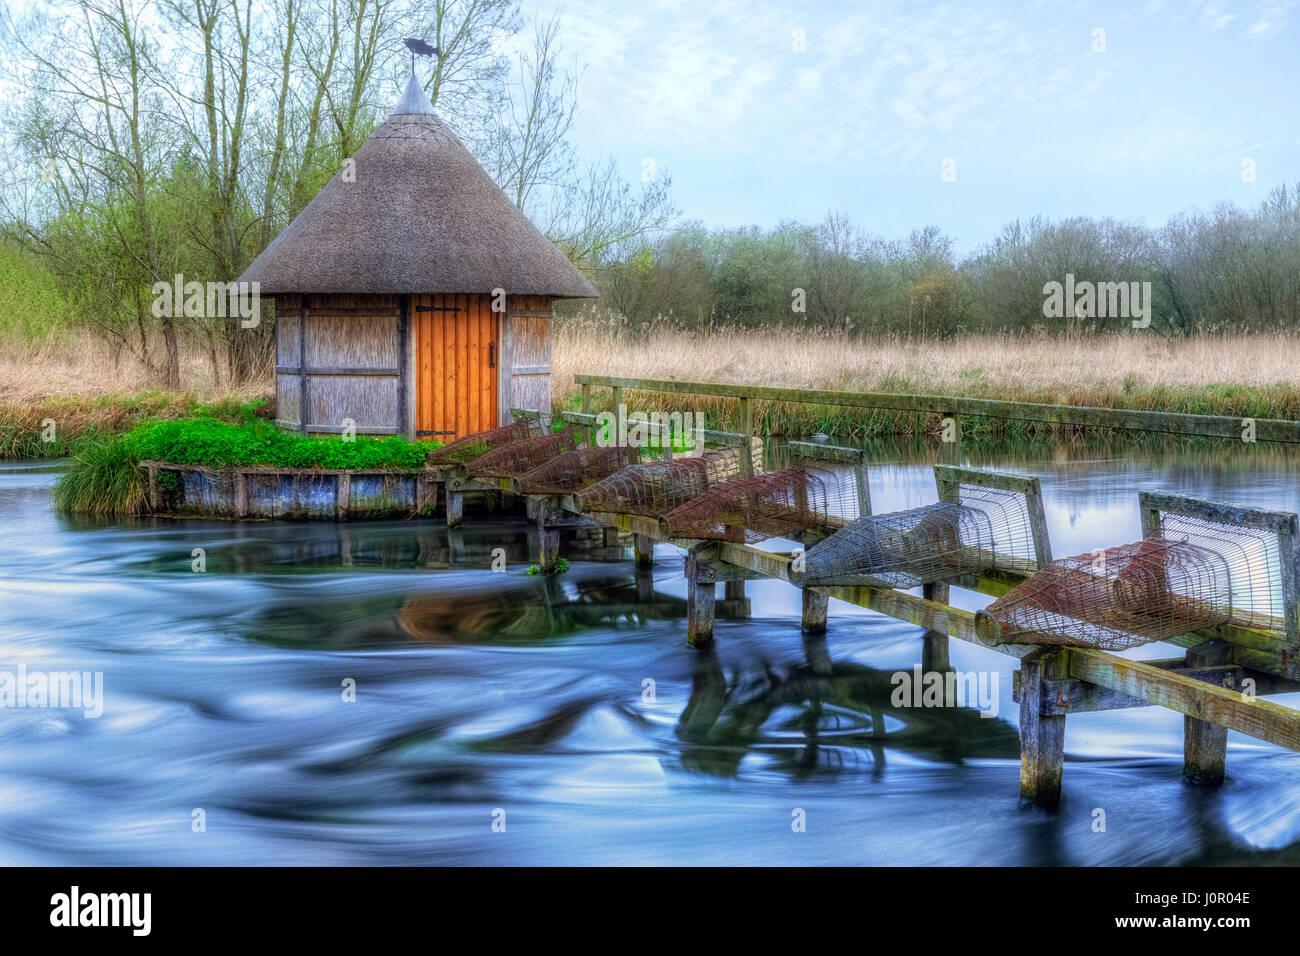 Capanna di pesca sul fiume Test, Longstock, Hampshire, Inghilterra, Regno Unito Immagini Stock